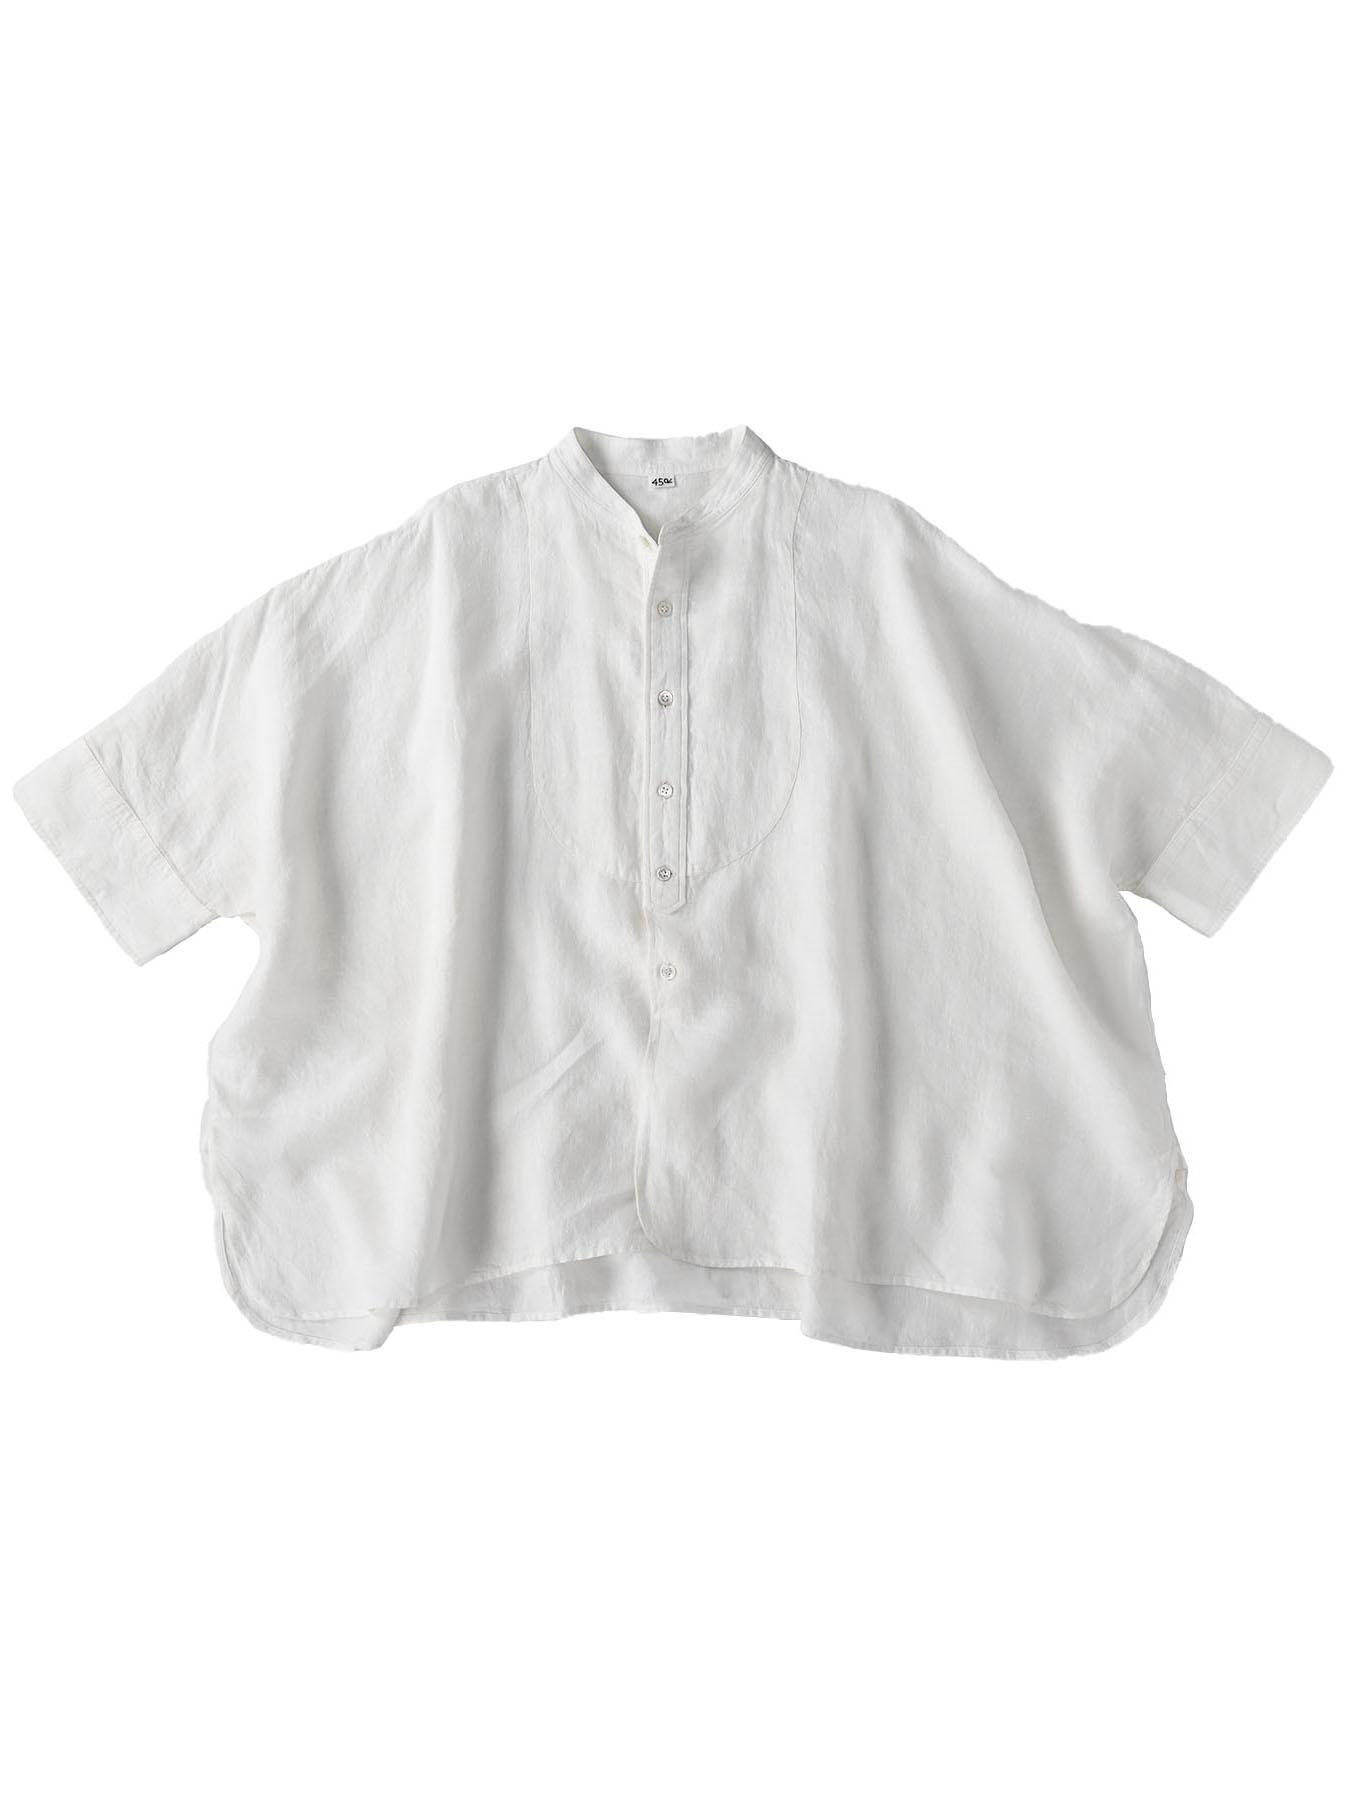 Indian Linen Flat Big Shirt (0521)-2